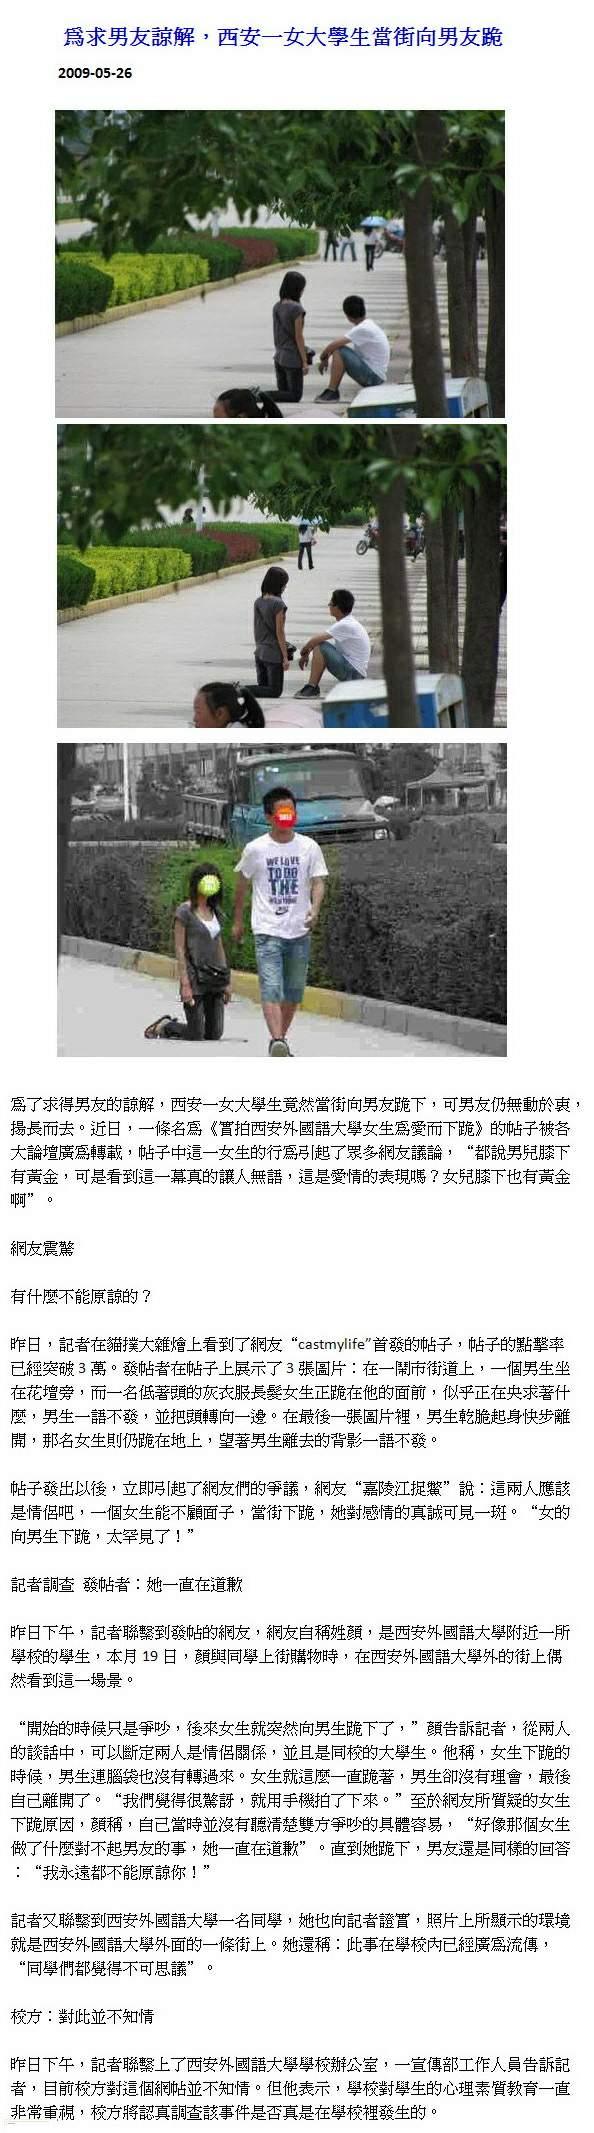 為求男友諒解,西安一女大學生當街向男友跪-2009.05.26.jpg